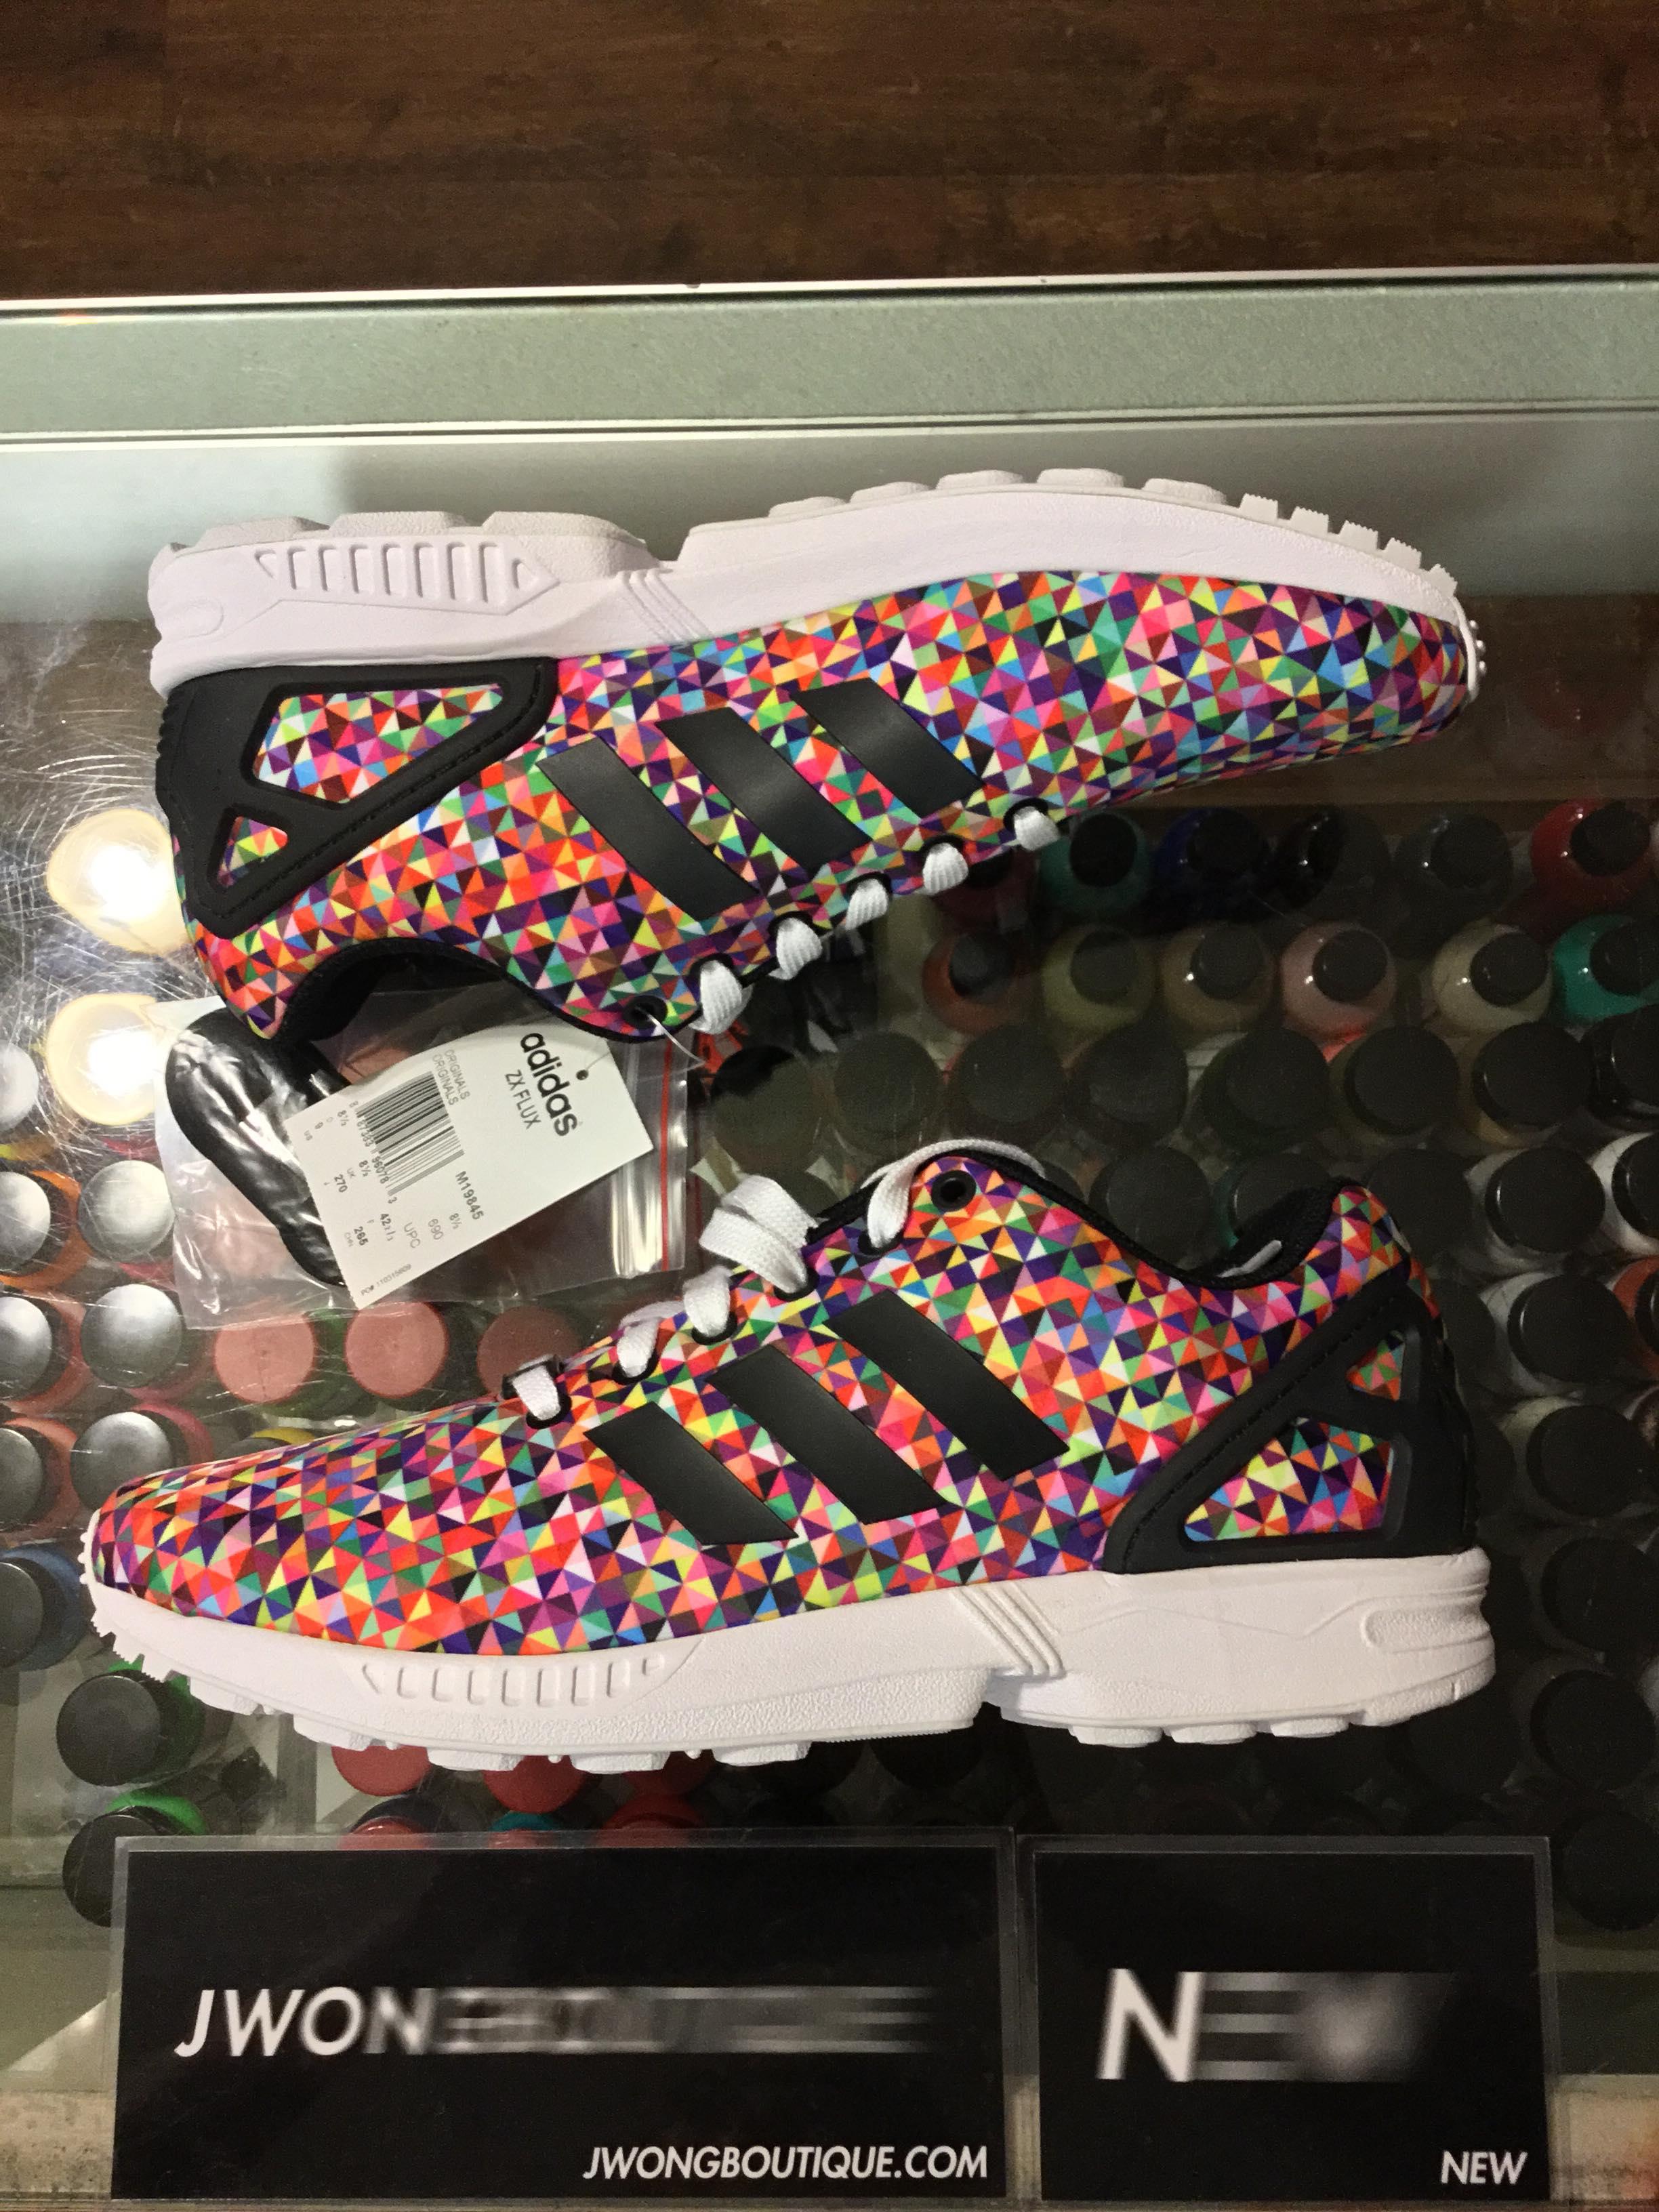 0a33209fe 2014 Adidas ZX Flux Prism Multi Color Men